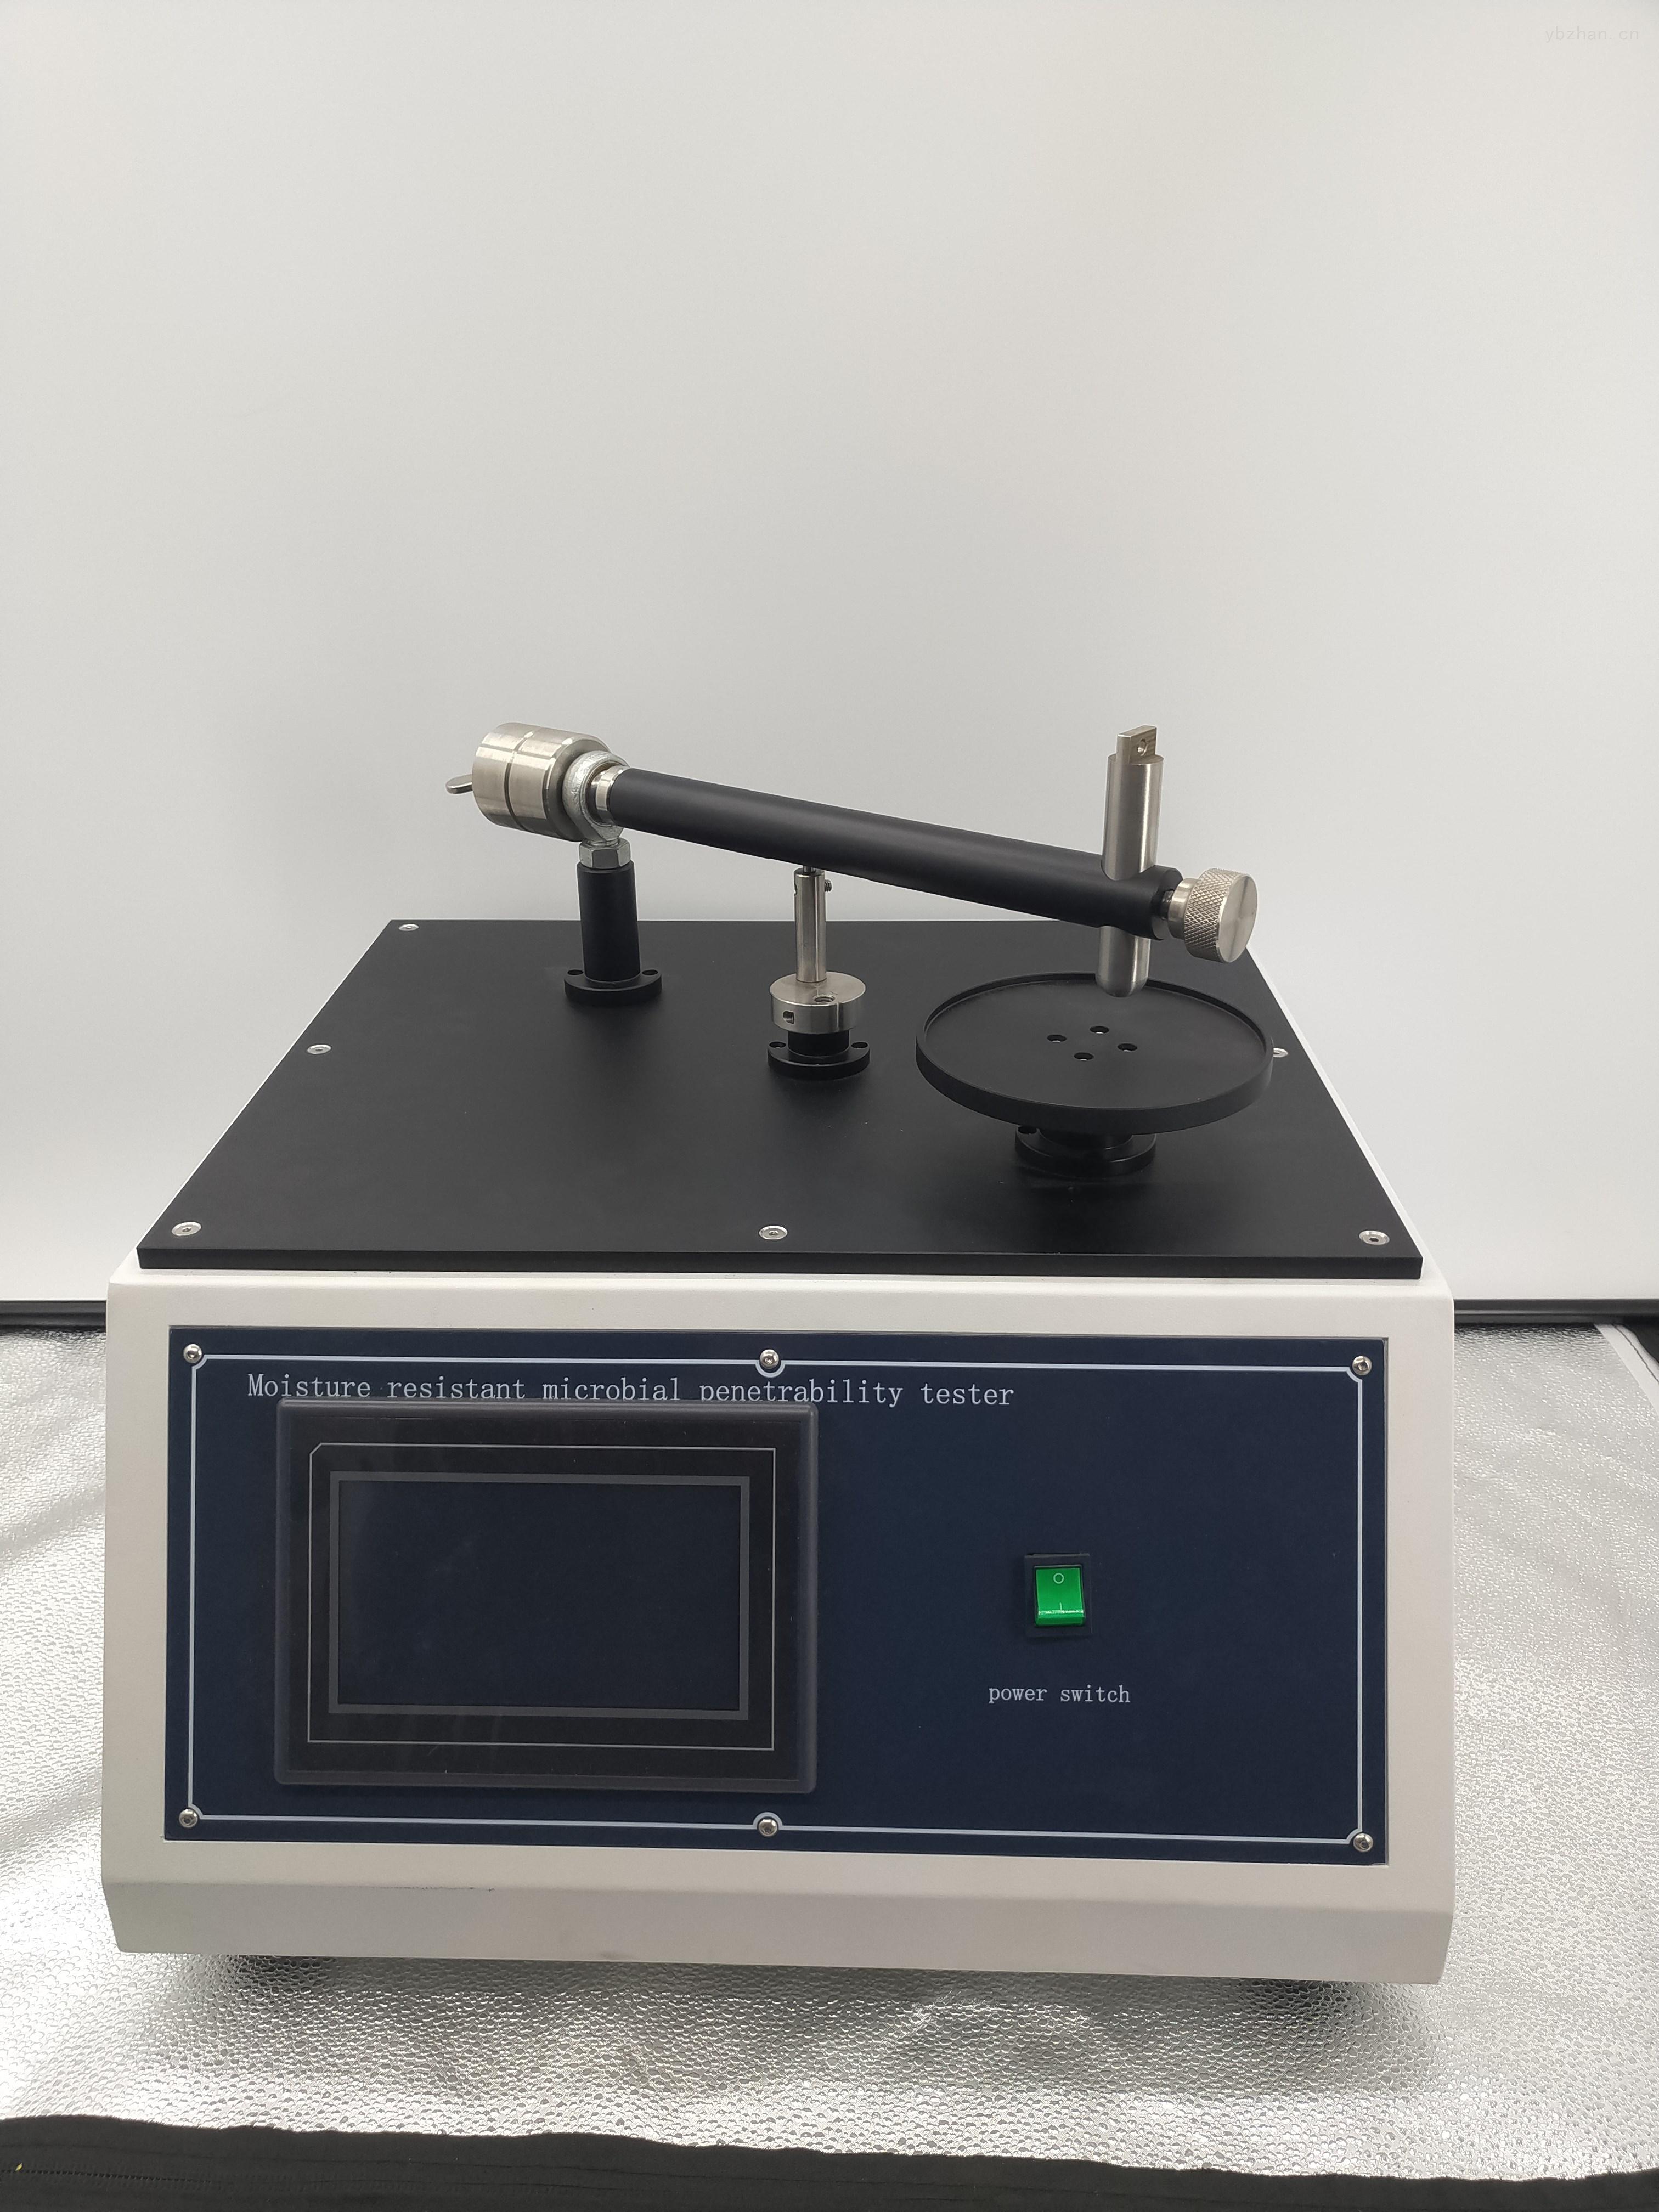 阻湿态微生物穿透测试仪工作原理